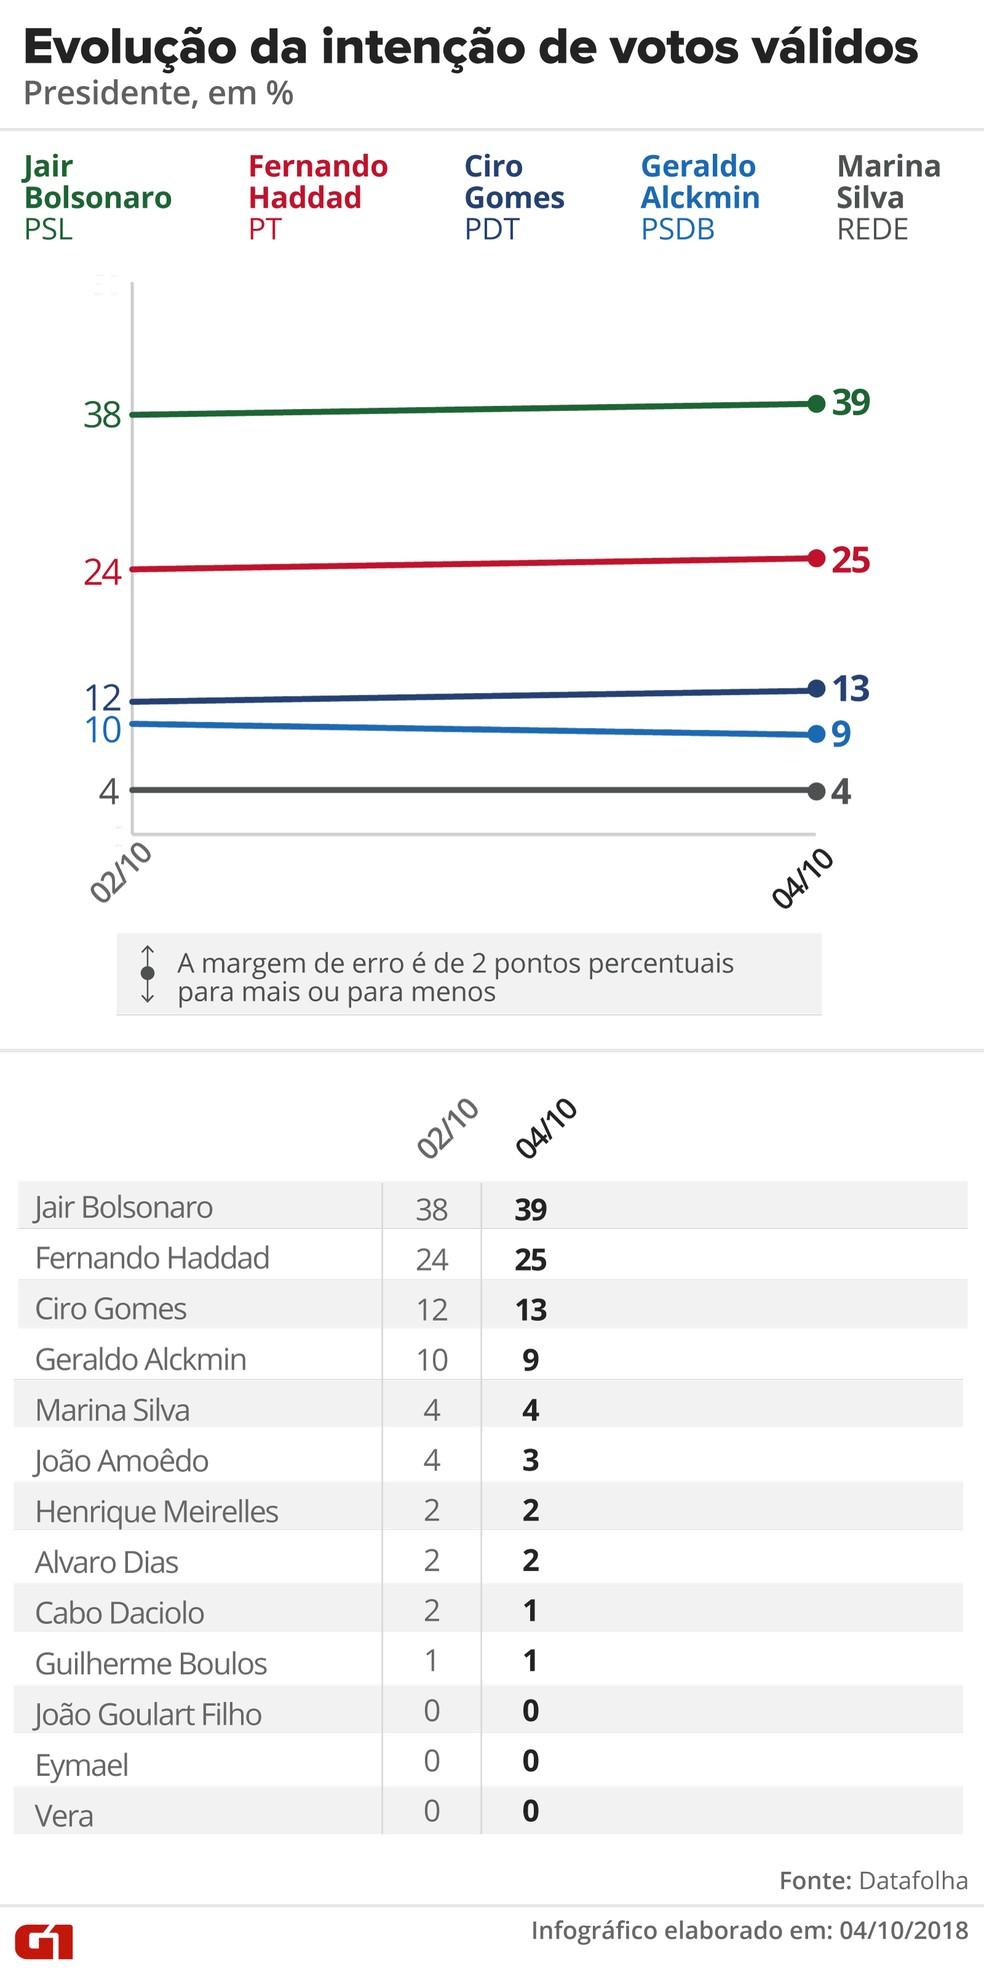 Pesquisa Datafolha – 4 de outubro – evolução da intenção de VOTOS VÁLIDOS para presidente — Foto: Arte/G1